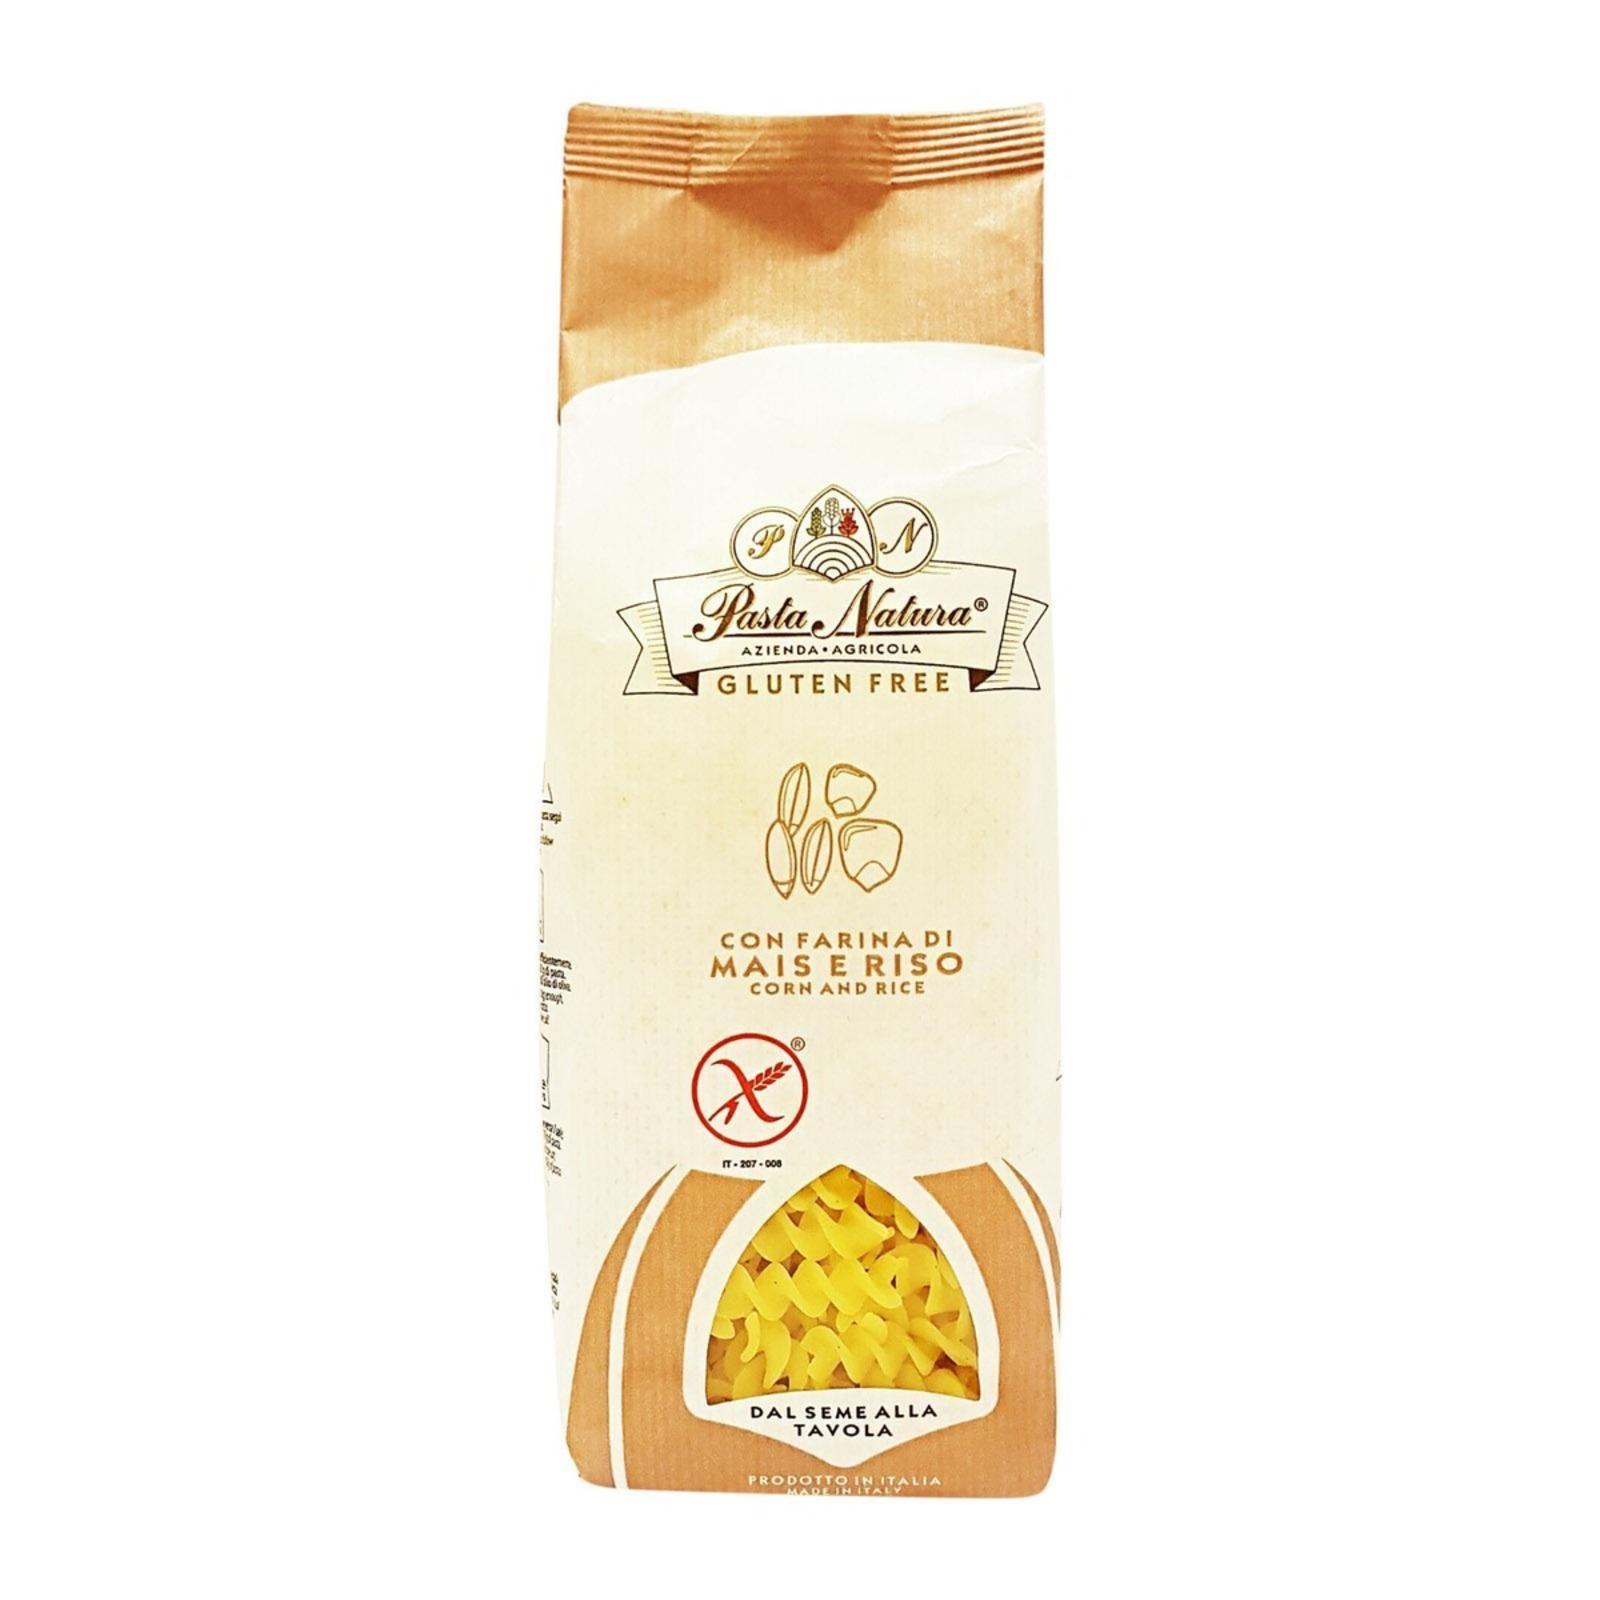 Pasta Natura Gluten Free Corn & Rice Pasta Fusilli